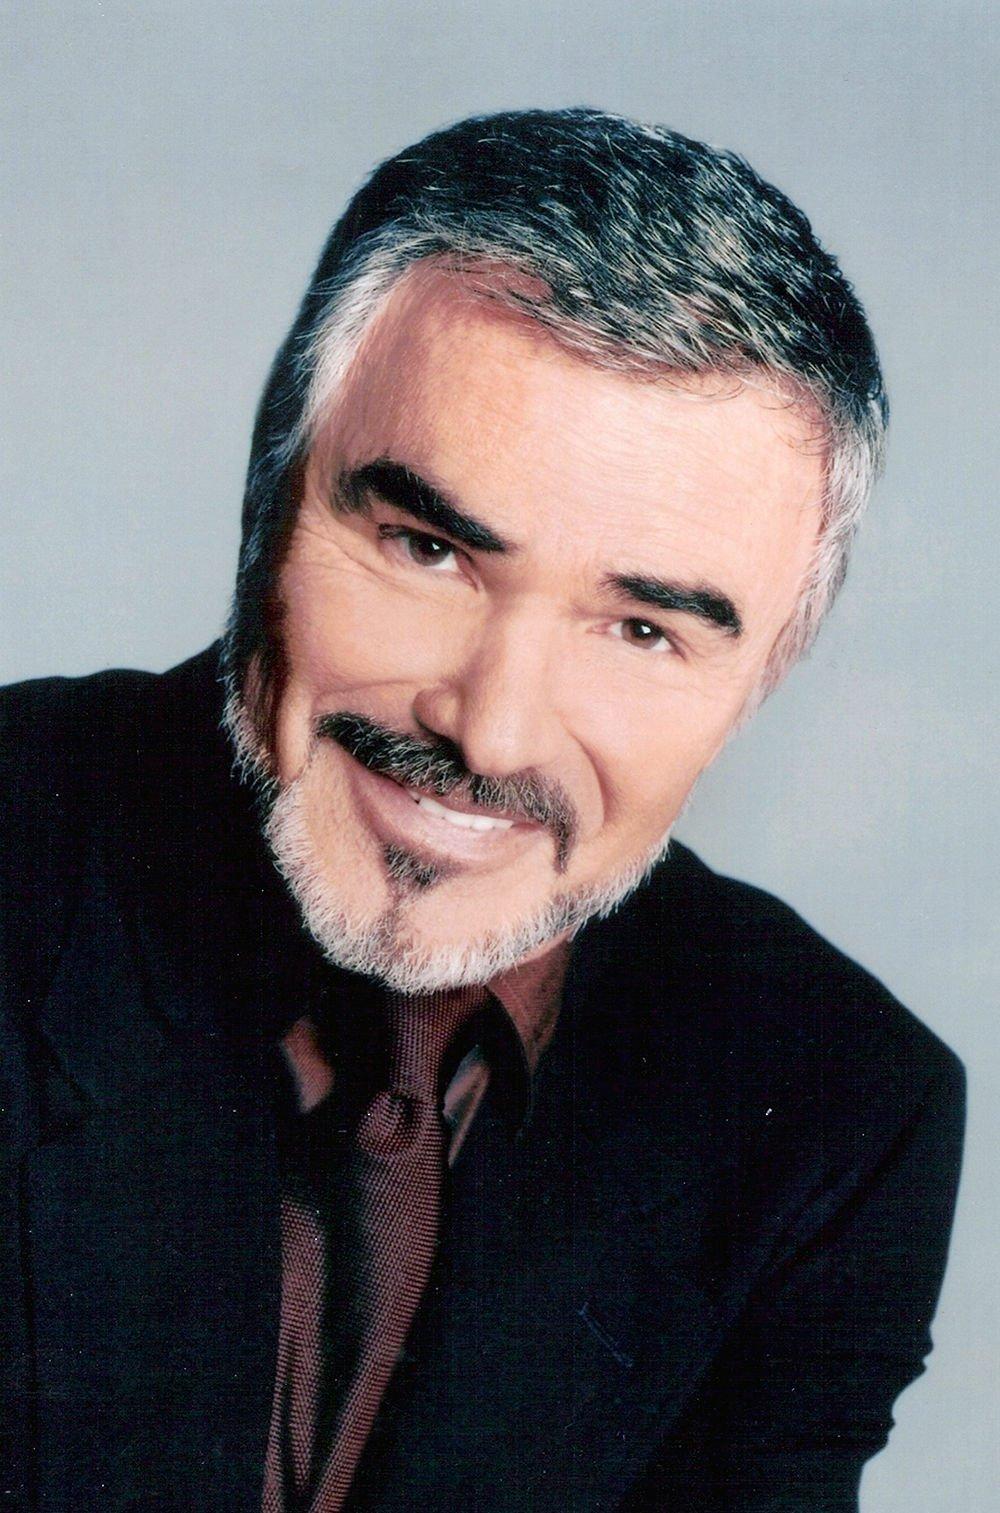 Burt Reynolds mug